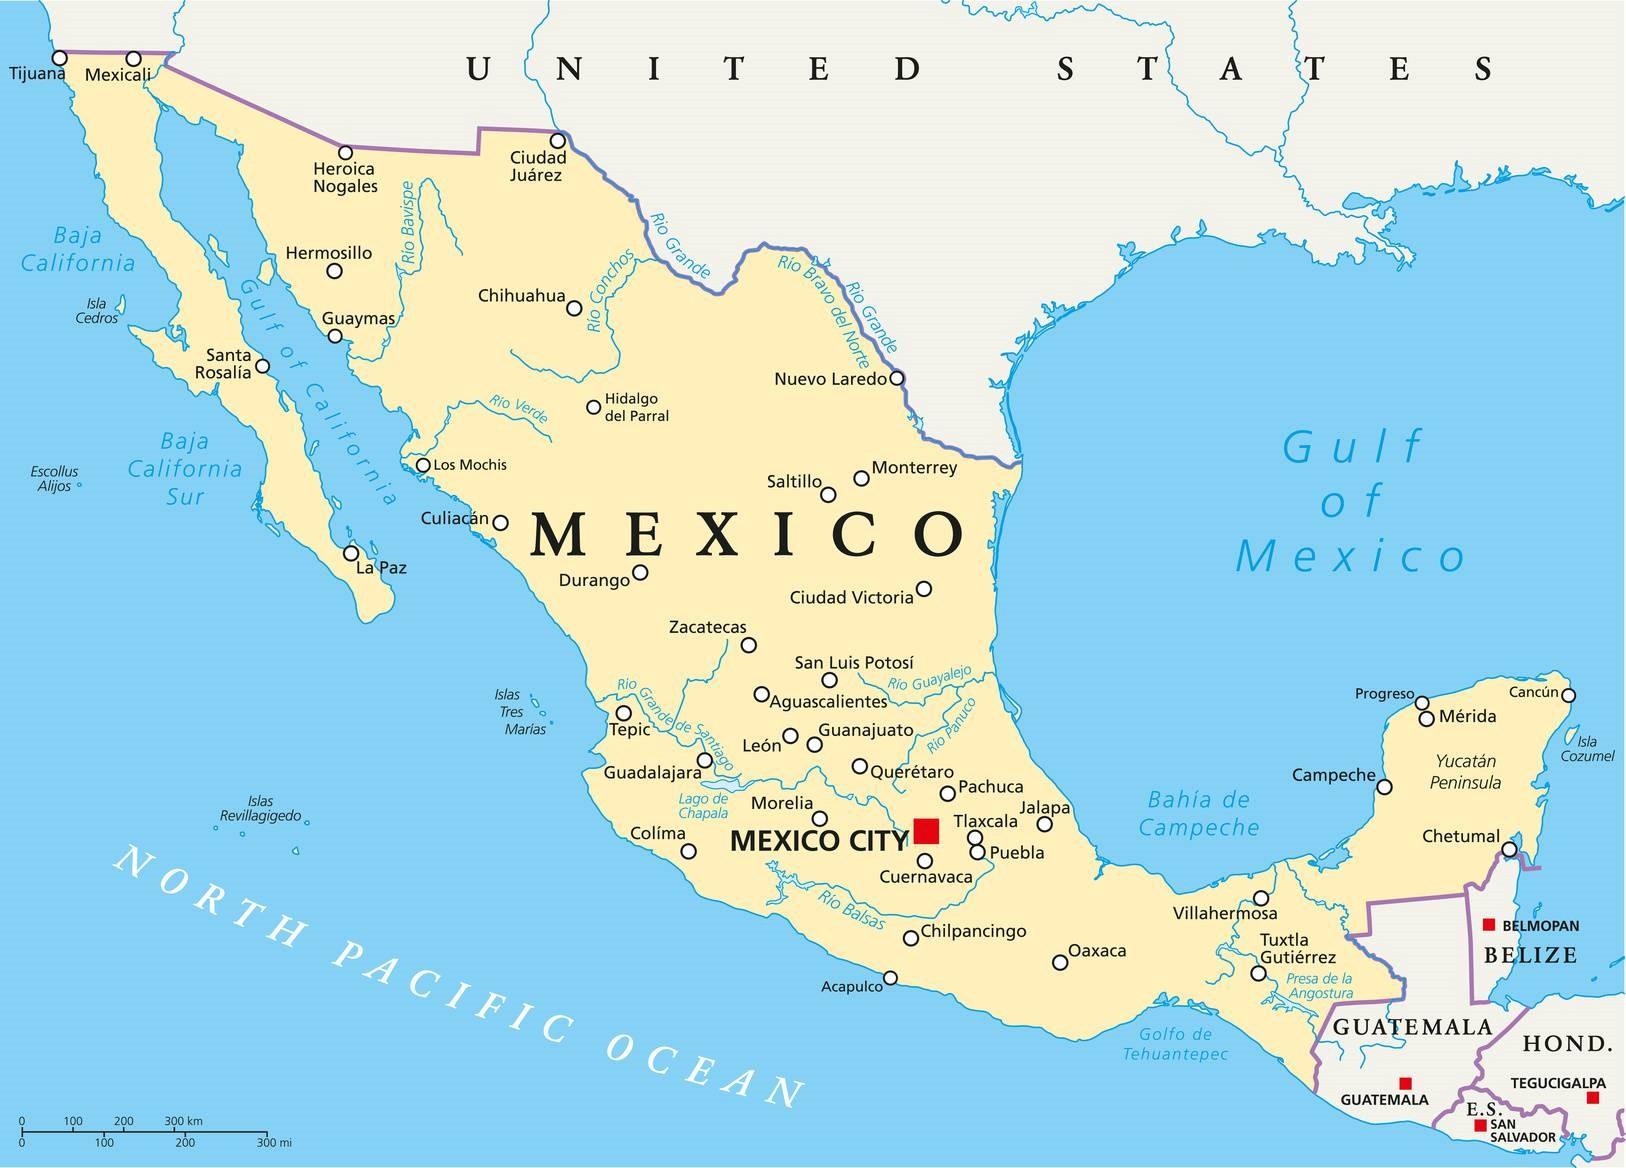 Teotihuacan - Peuple toltèque - 4 accords toltèques